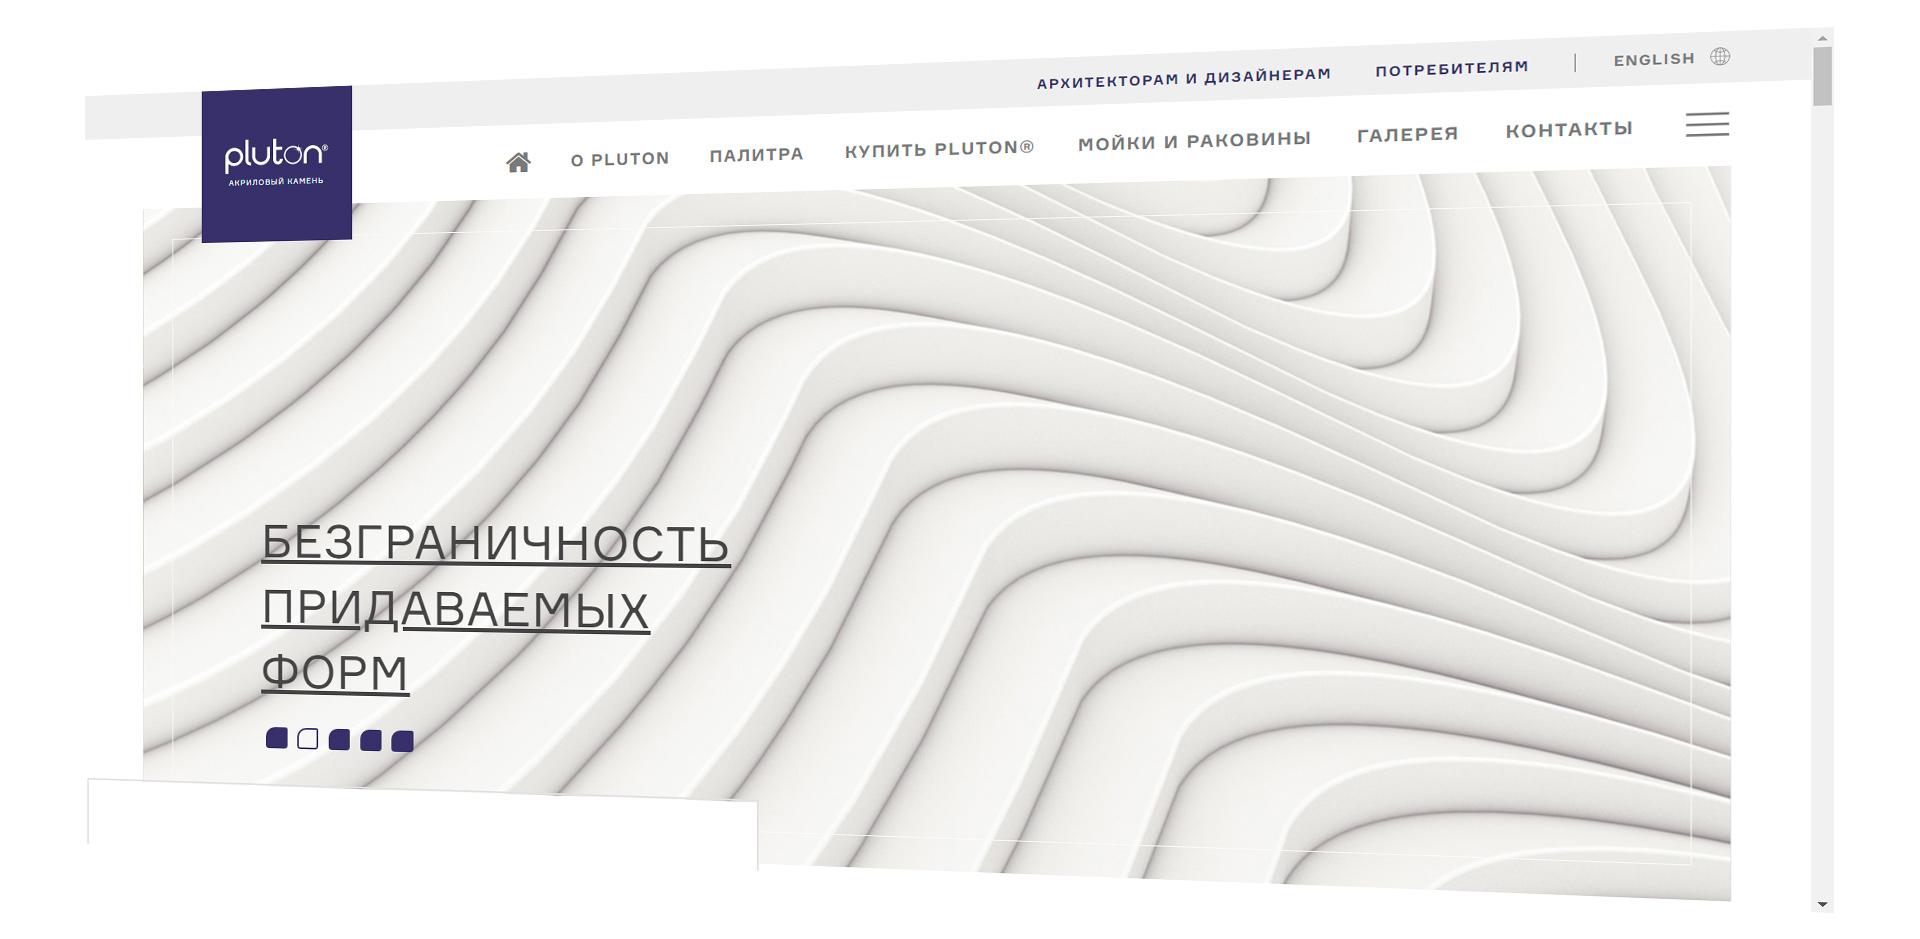 Разместите ваш проект на нашем сайте и в международном референс-буке